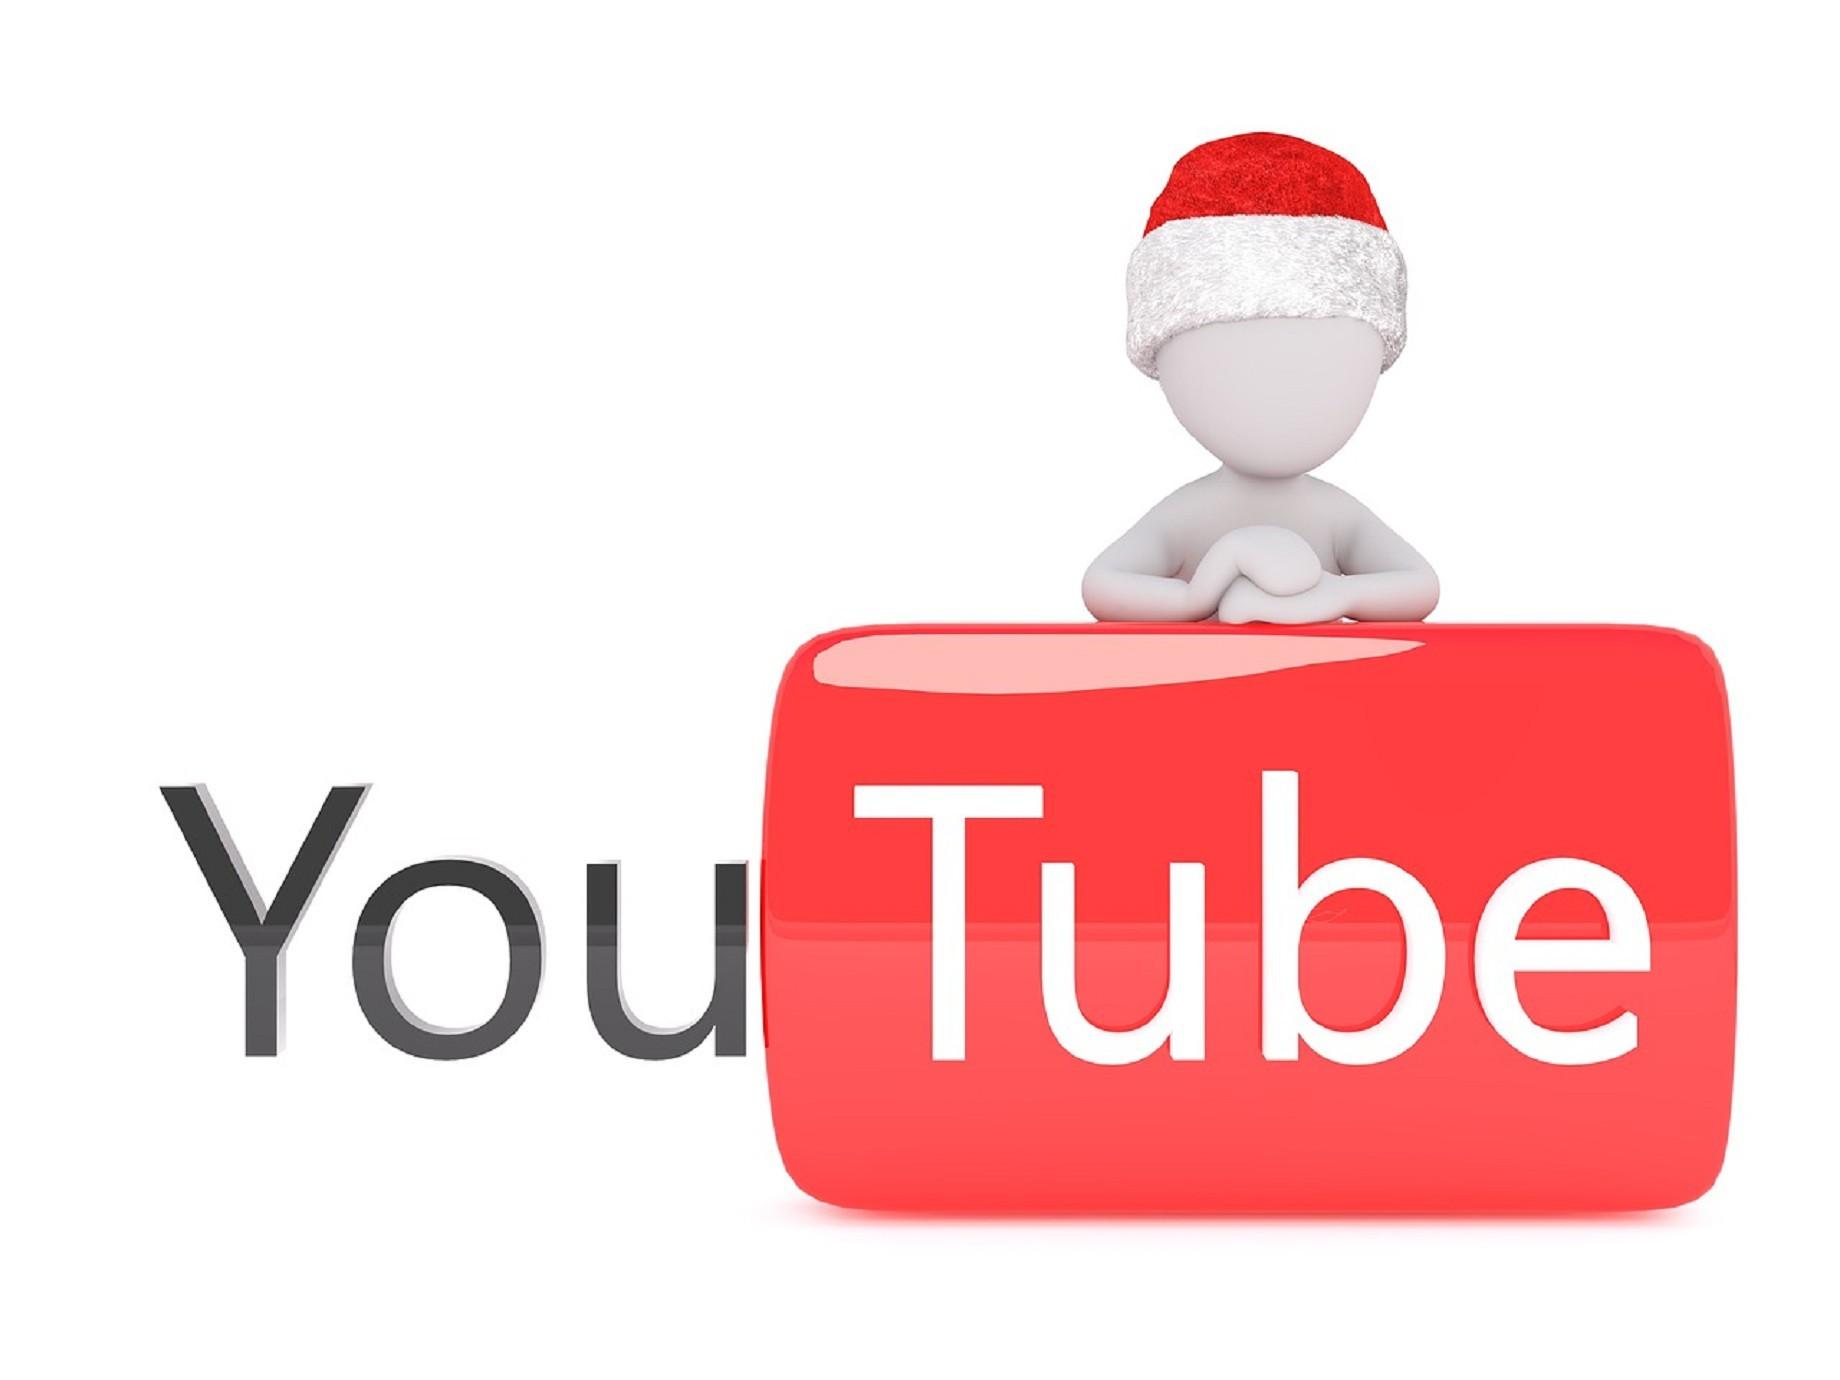 利用GA分析Youtube行銷成效!跟著3步驟輕鬆設定